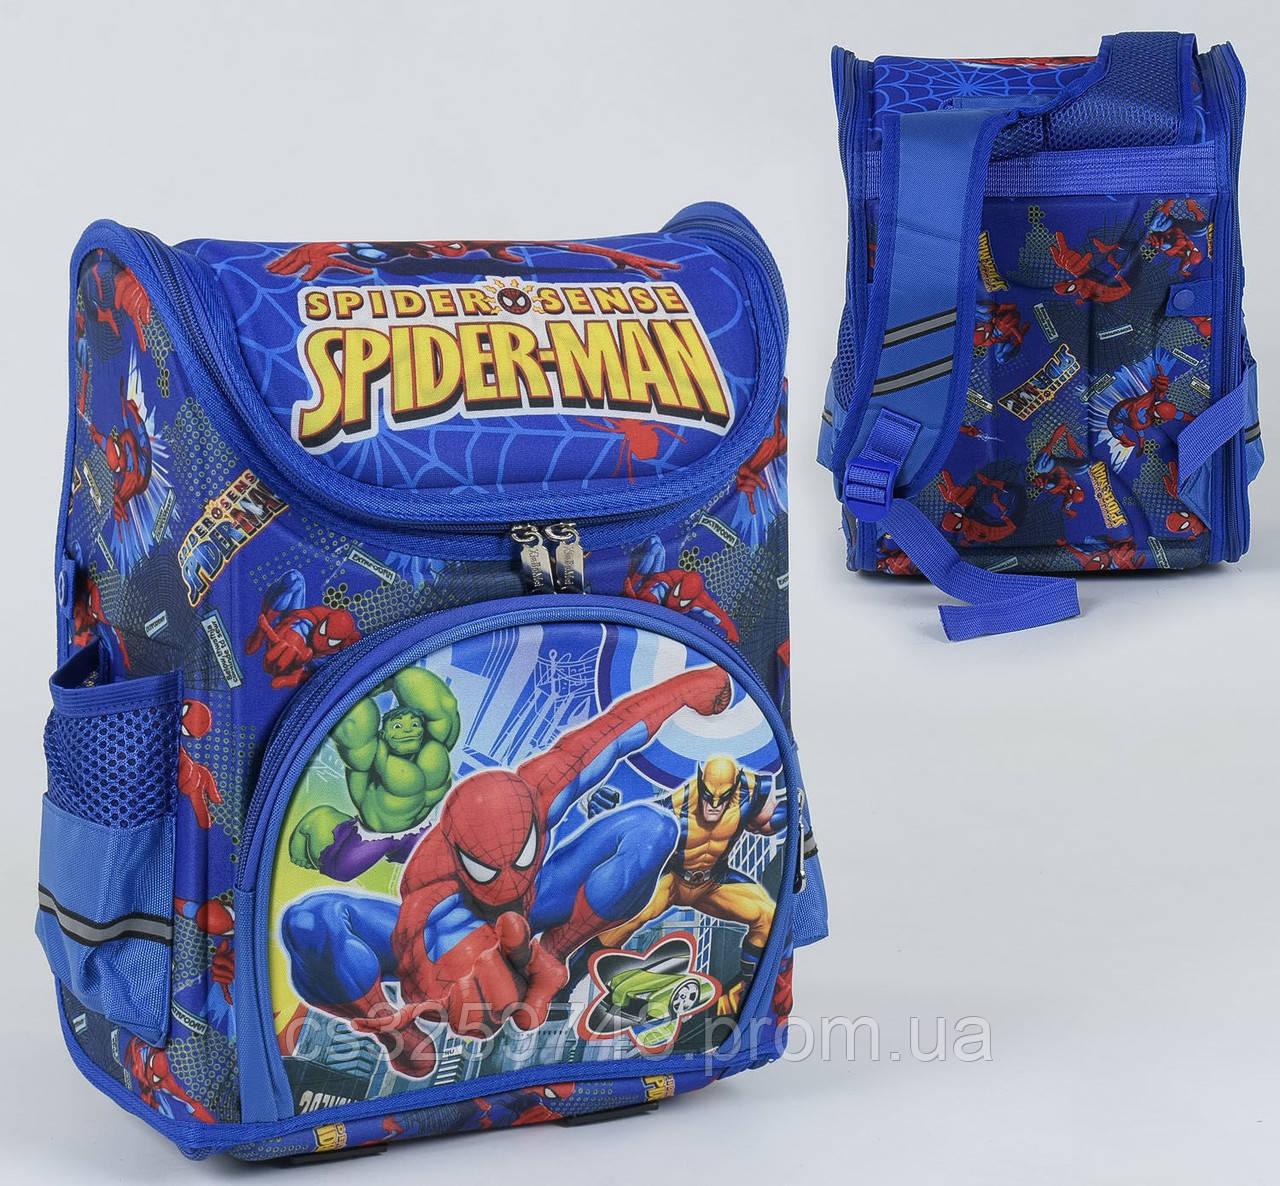 Школьный каркасный рюкзак Человек-паук С 36162 с ортопедической спинкой на 1 большое отделение, 3D принт